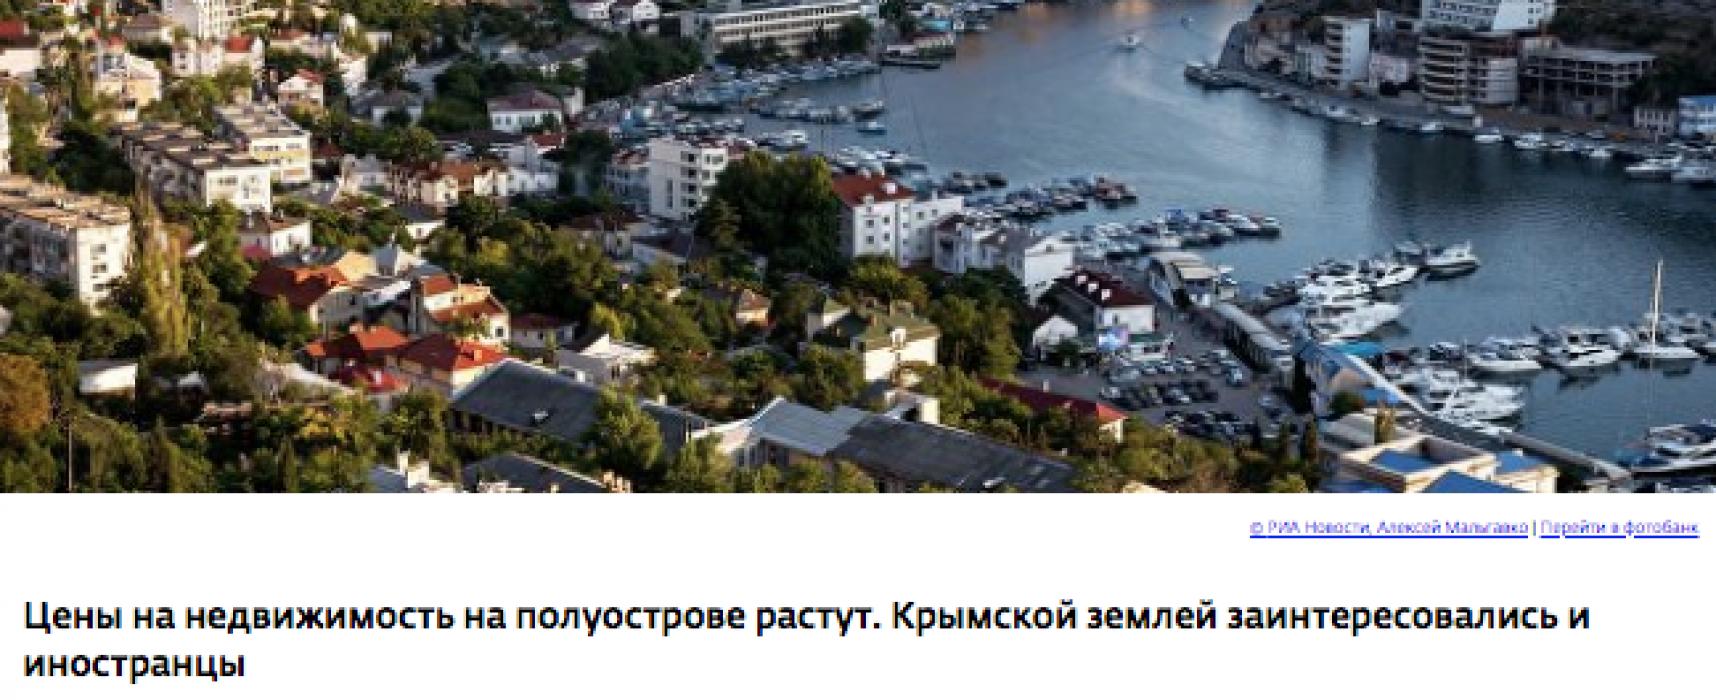 Fake: Ausländer kaufen Land auf der Krim. Sanktionen sind wirkungslos.